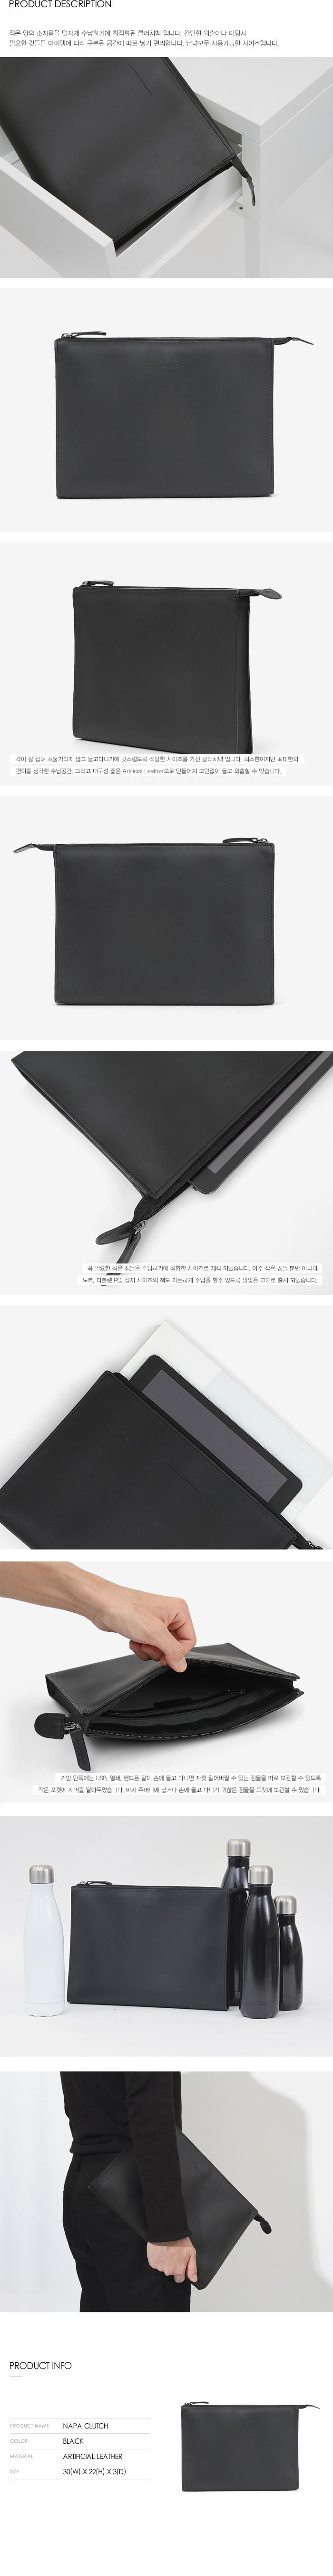 내셔널 퍼블리시티(NATIONAL PUBLICITY) NAPA 클러치백_BLACK